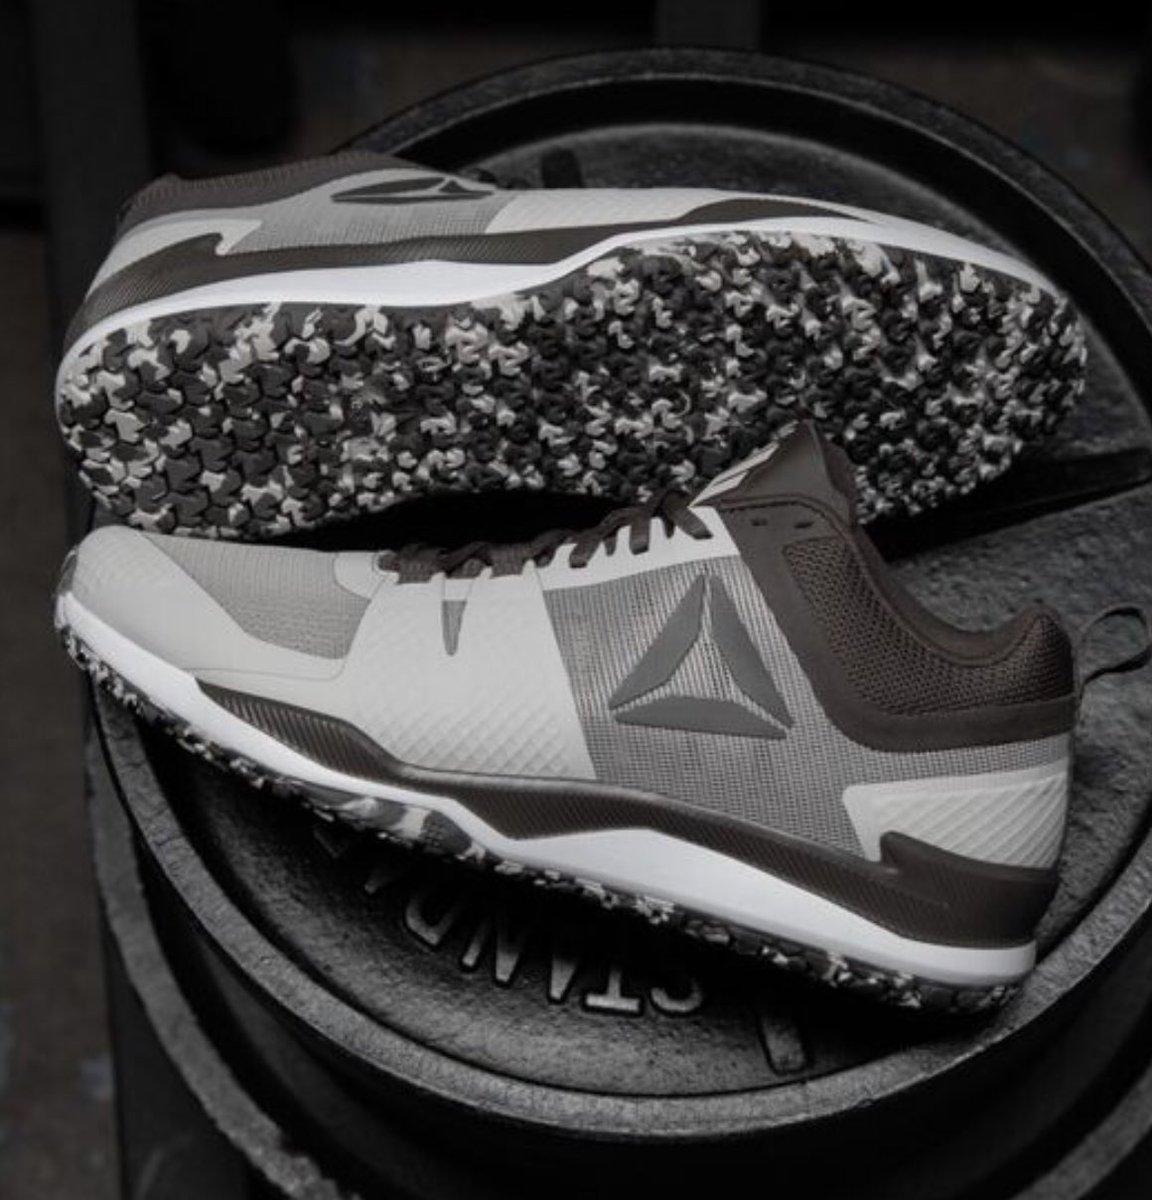 67a3f7702b38b0 Jj watt s reebok training shoe